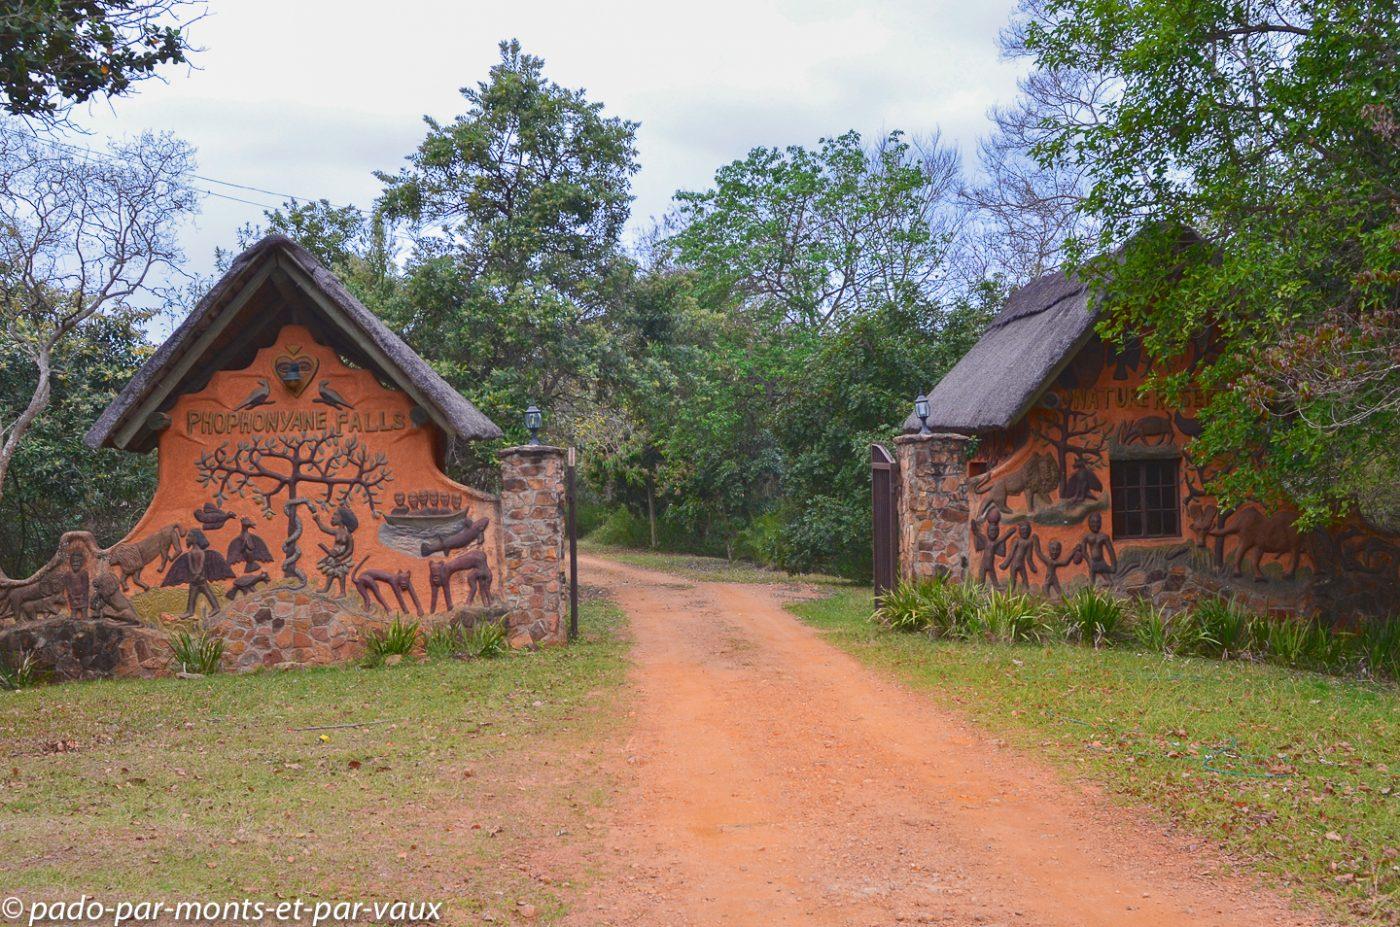 Swaziland - phophonyane falls ecolodge